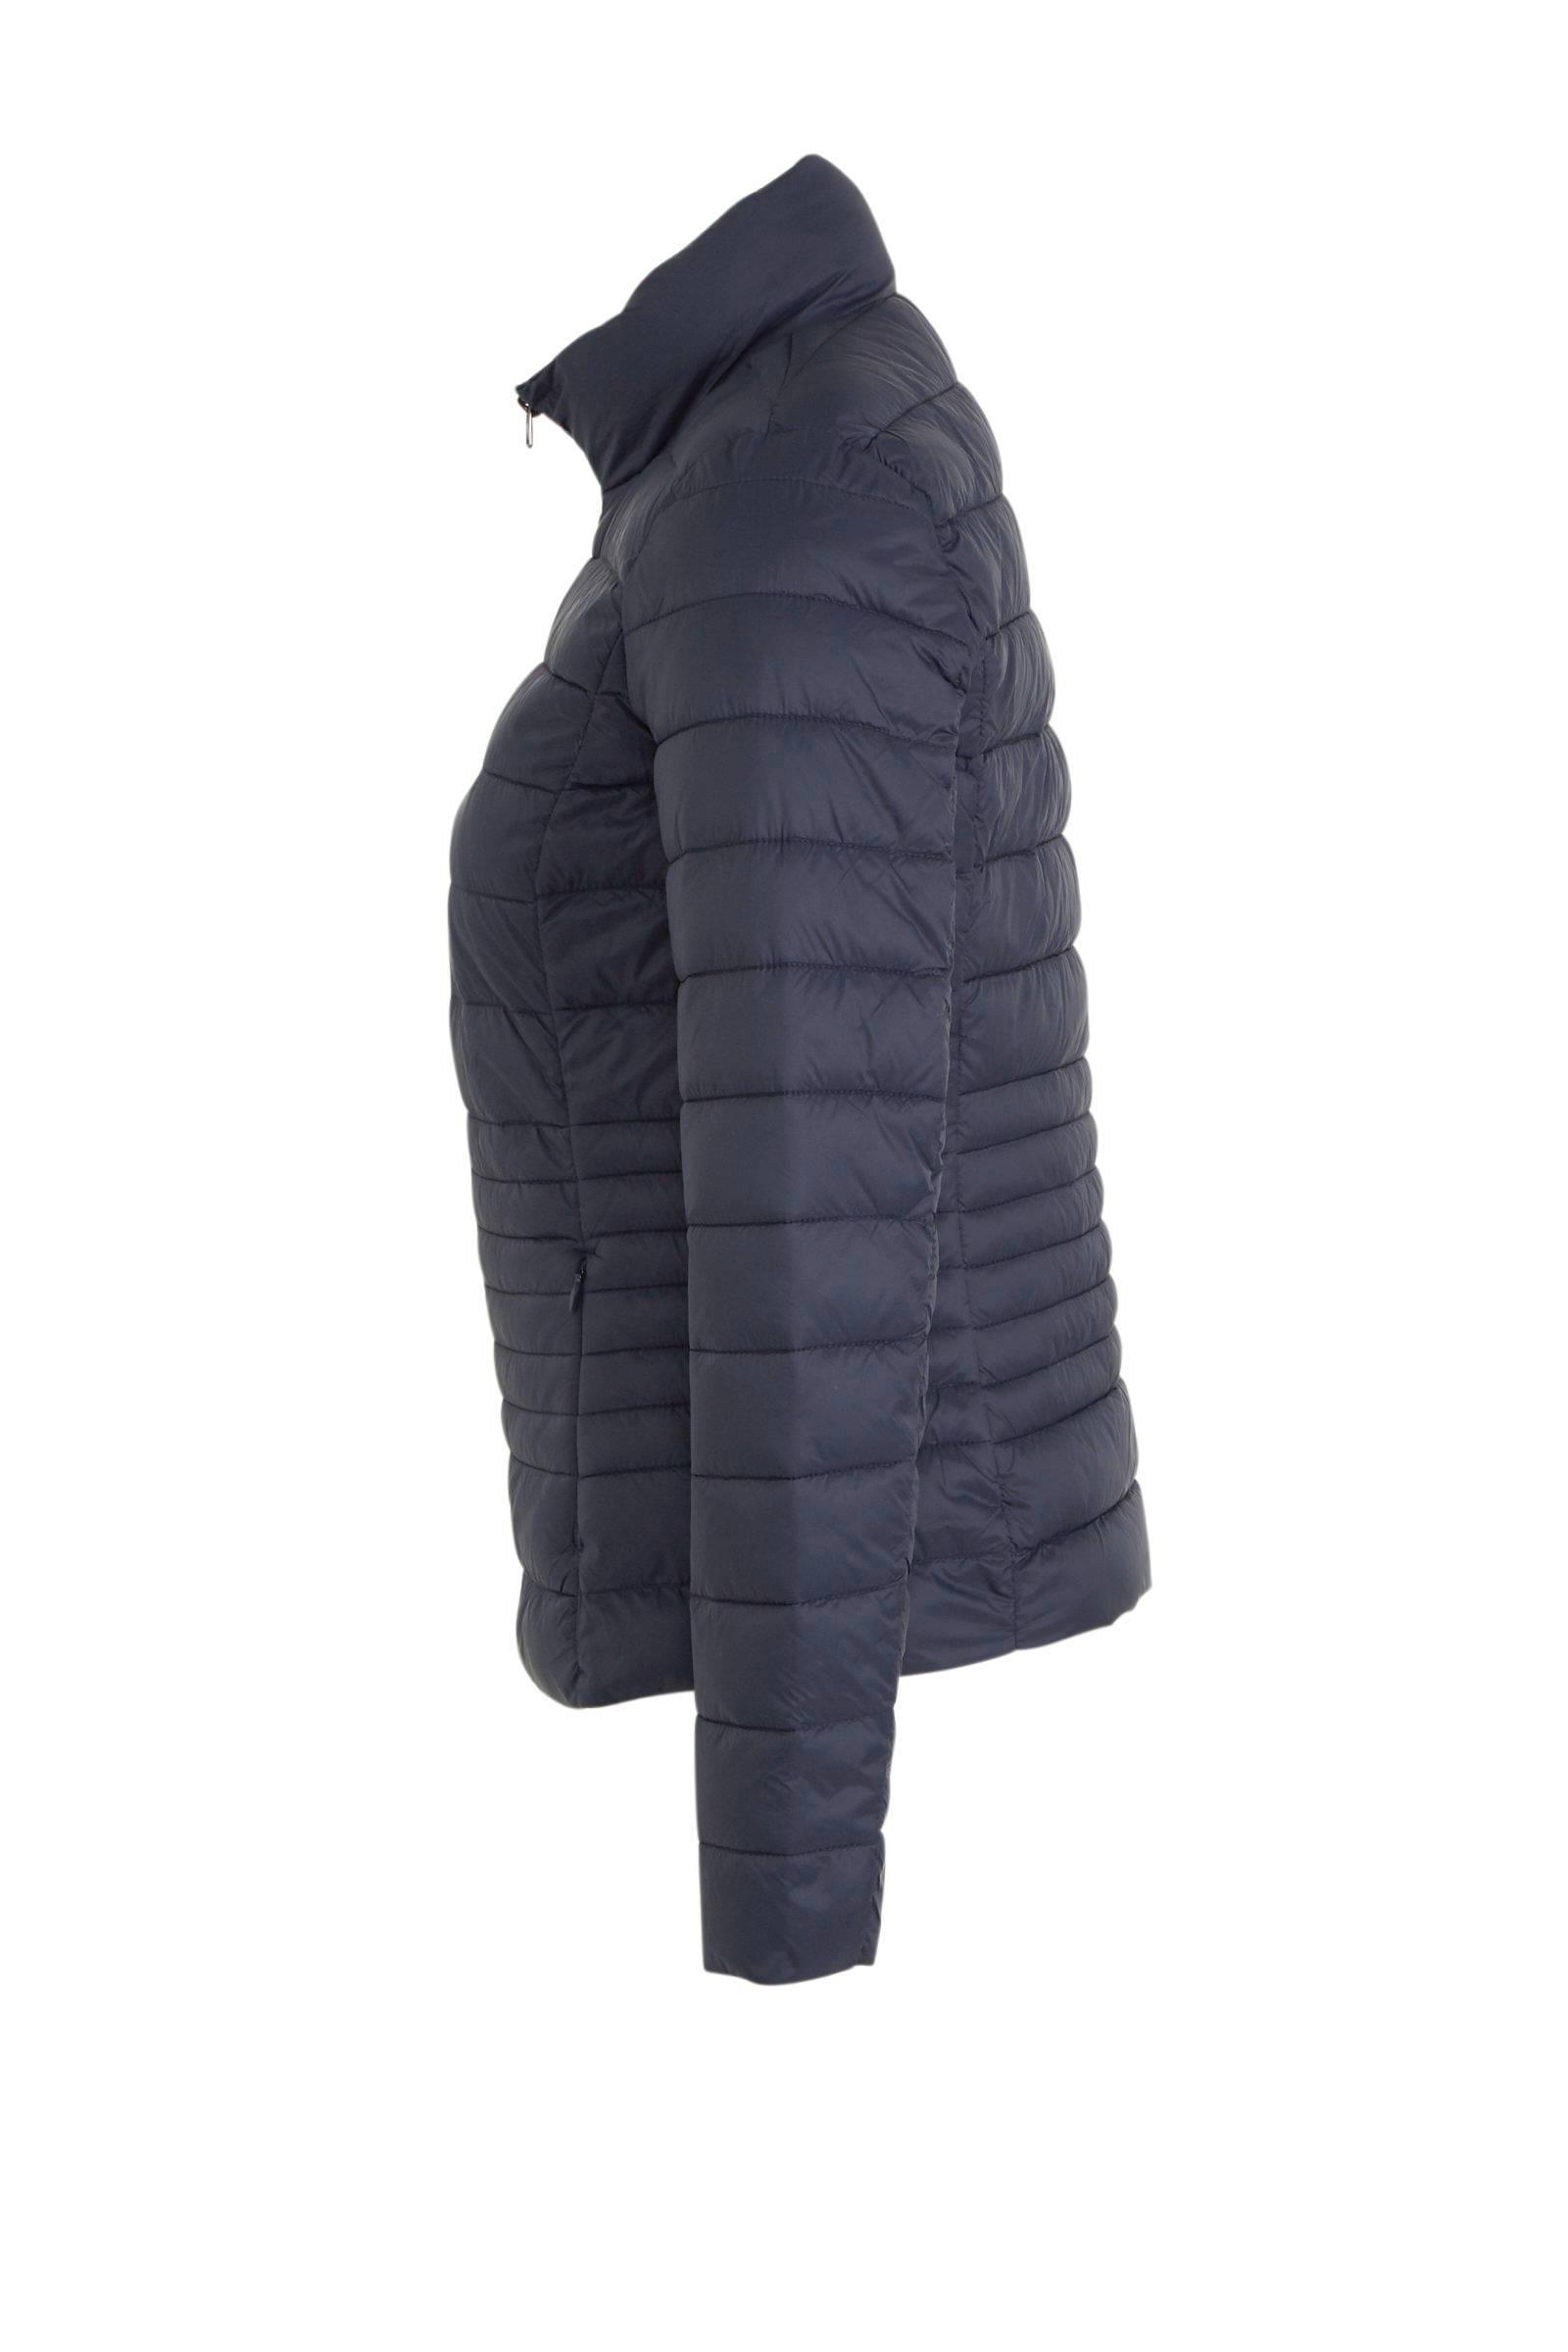 C&A Yessica gewatteerde jas zwart   wehkamp